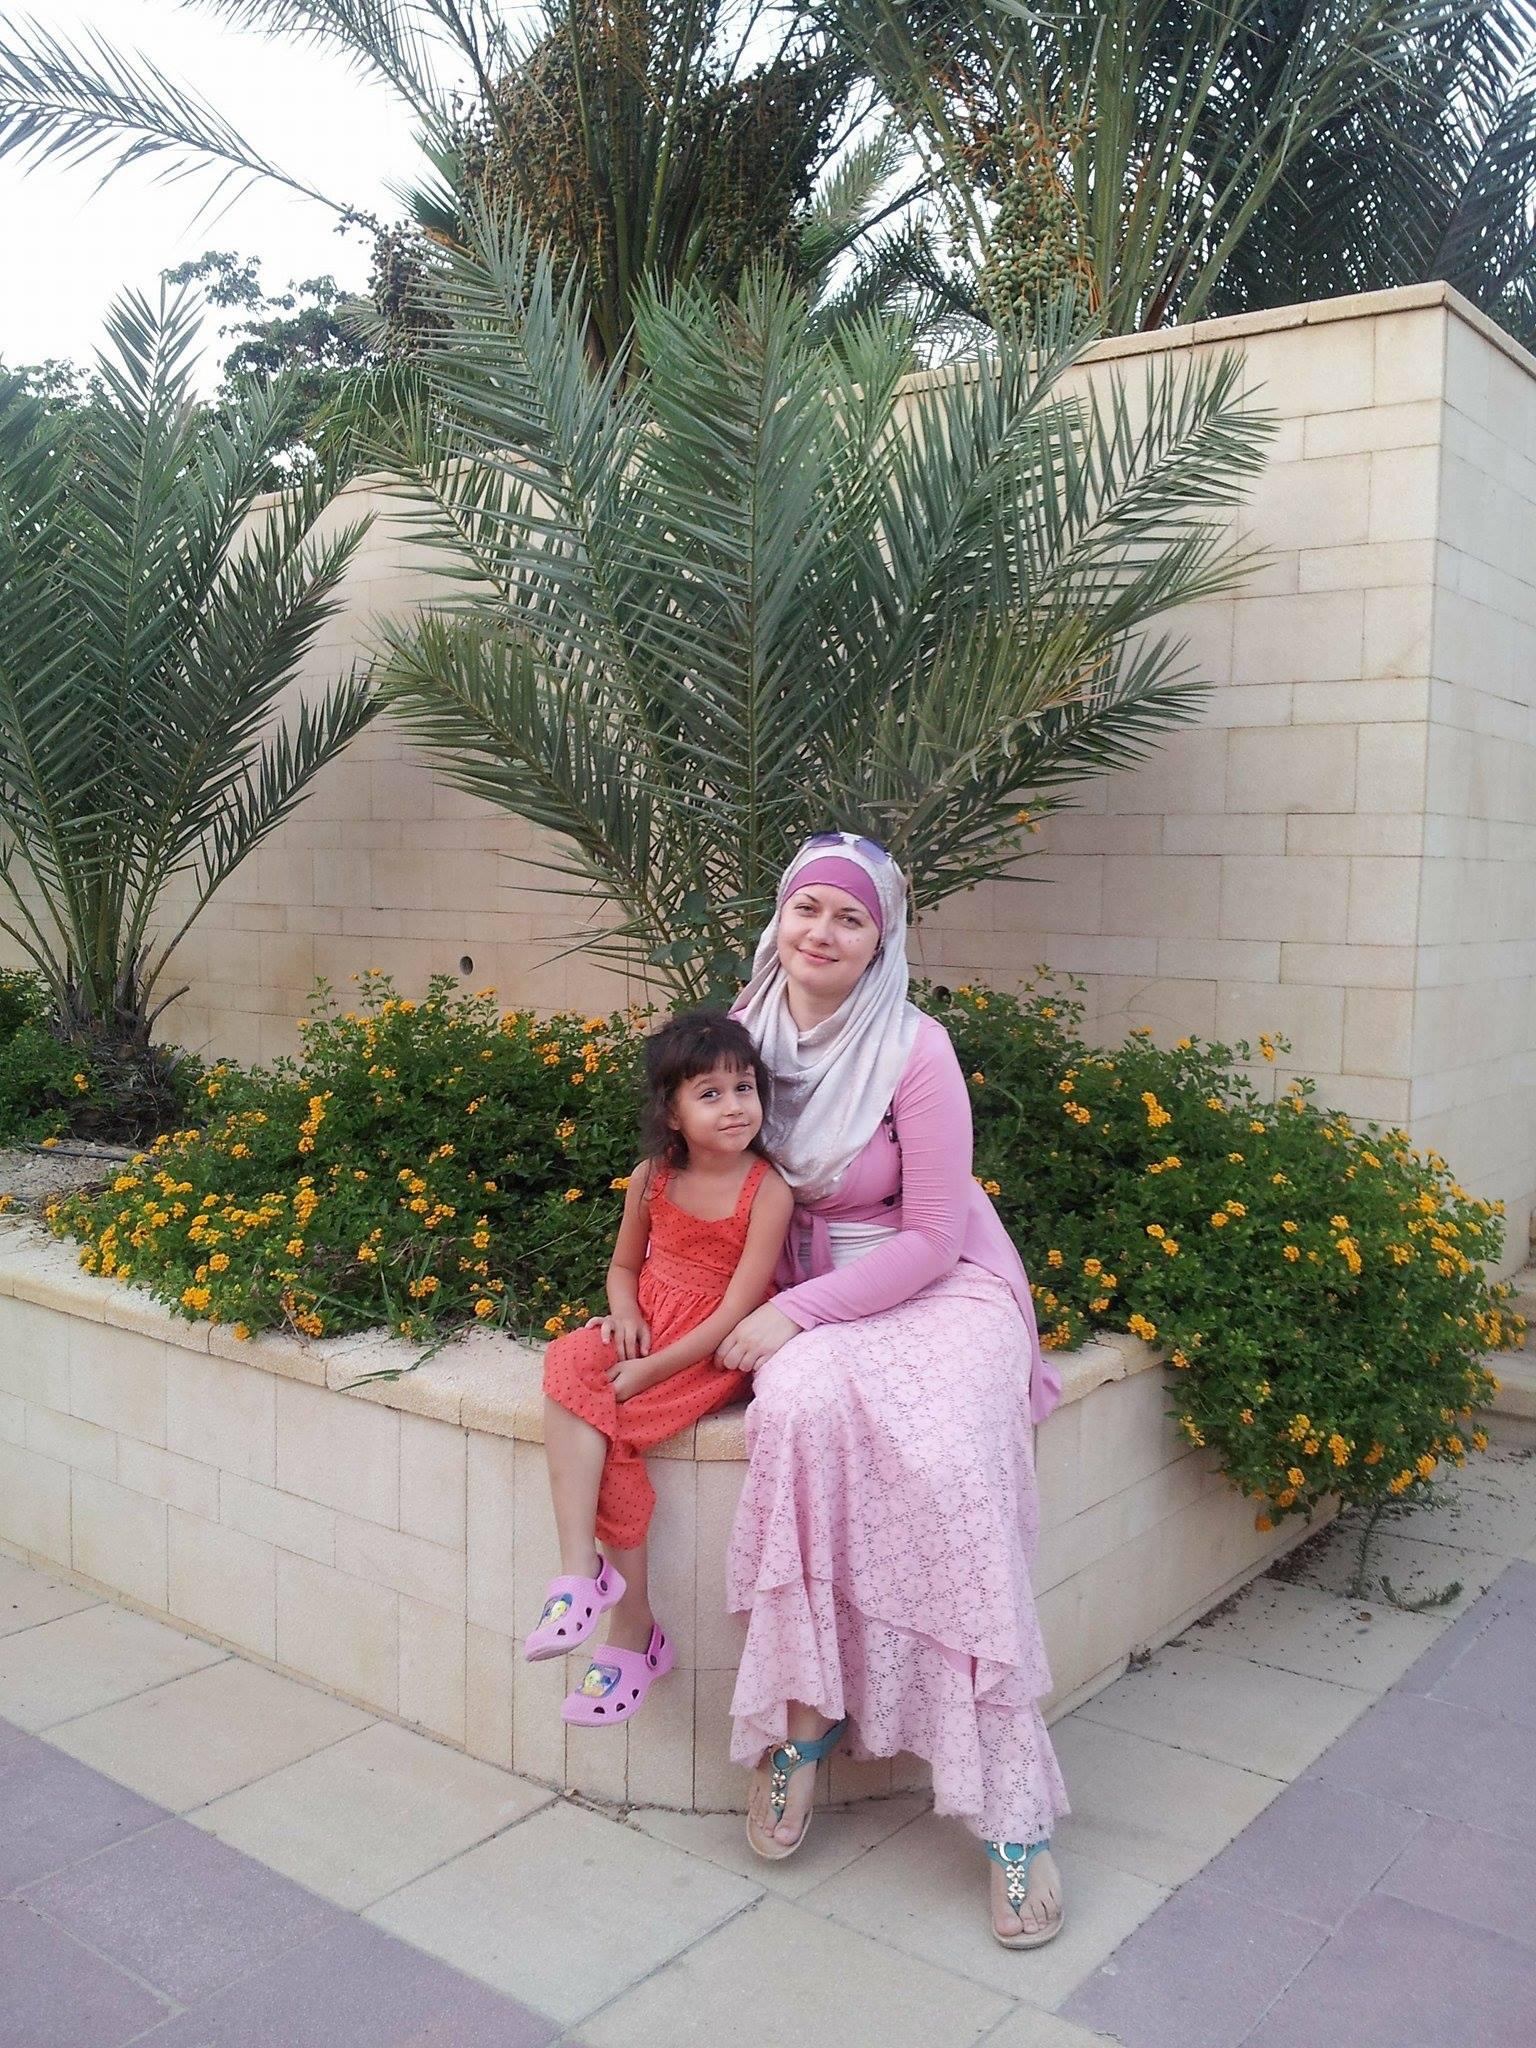 Любовь привела их в Газу - relevant